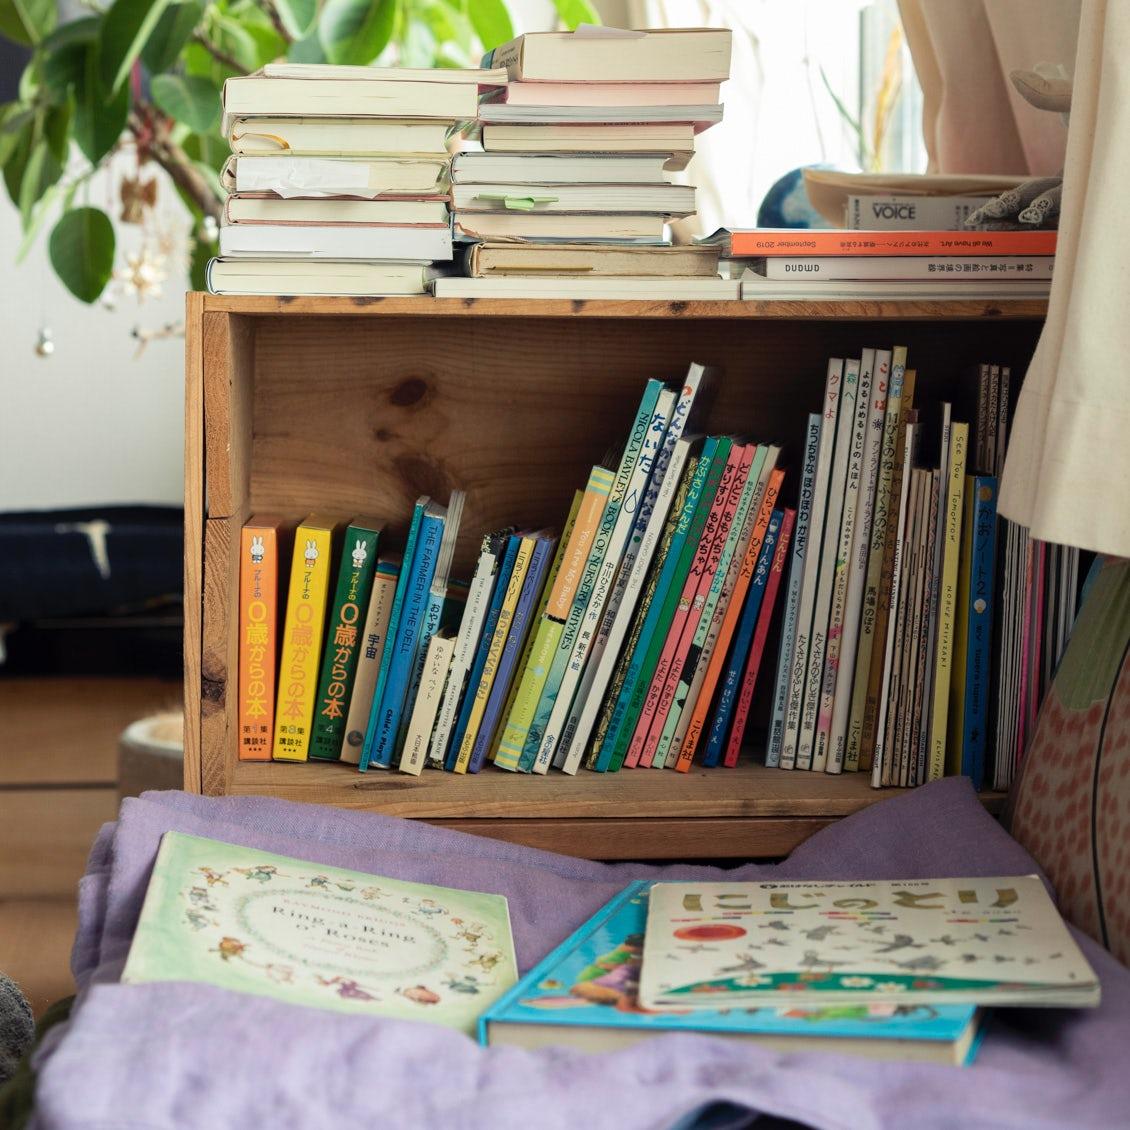 【本棚を主役に】横置きでもっと便利に? 知って納得、本棚収納3つのアイデア